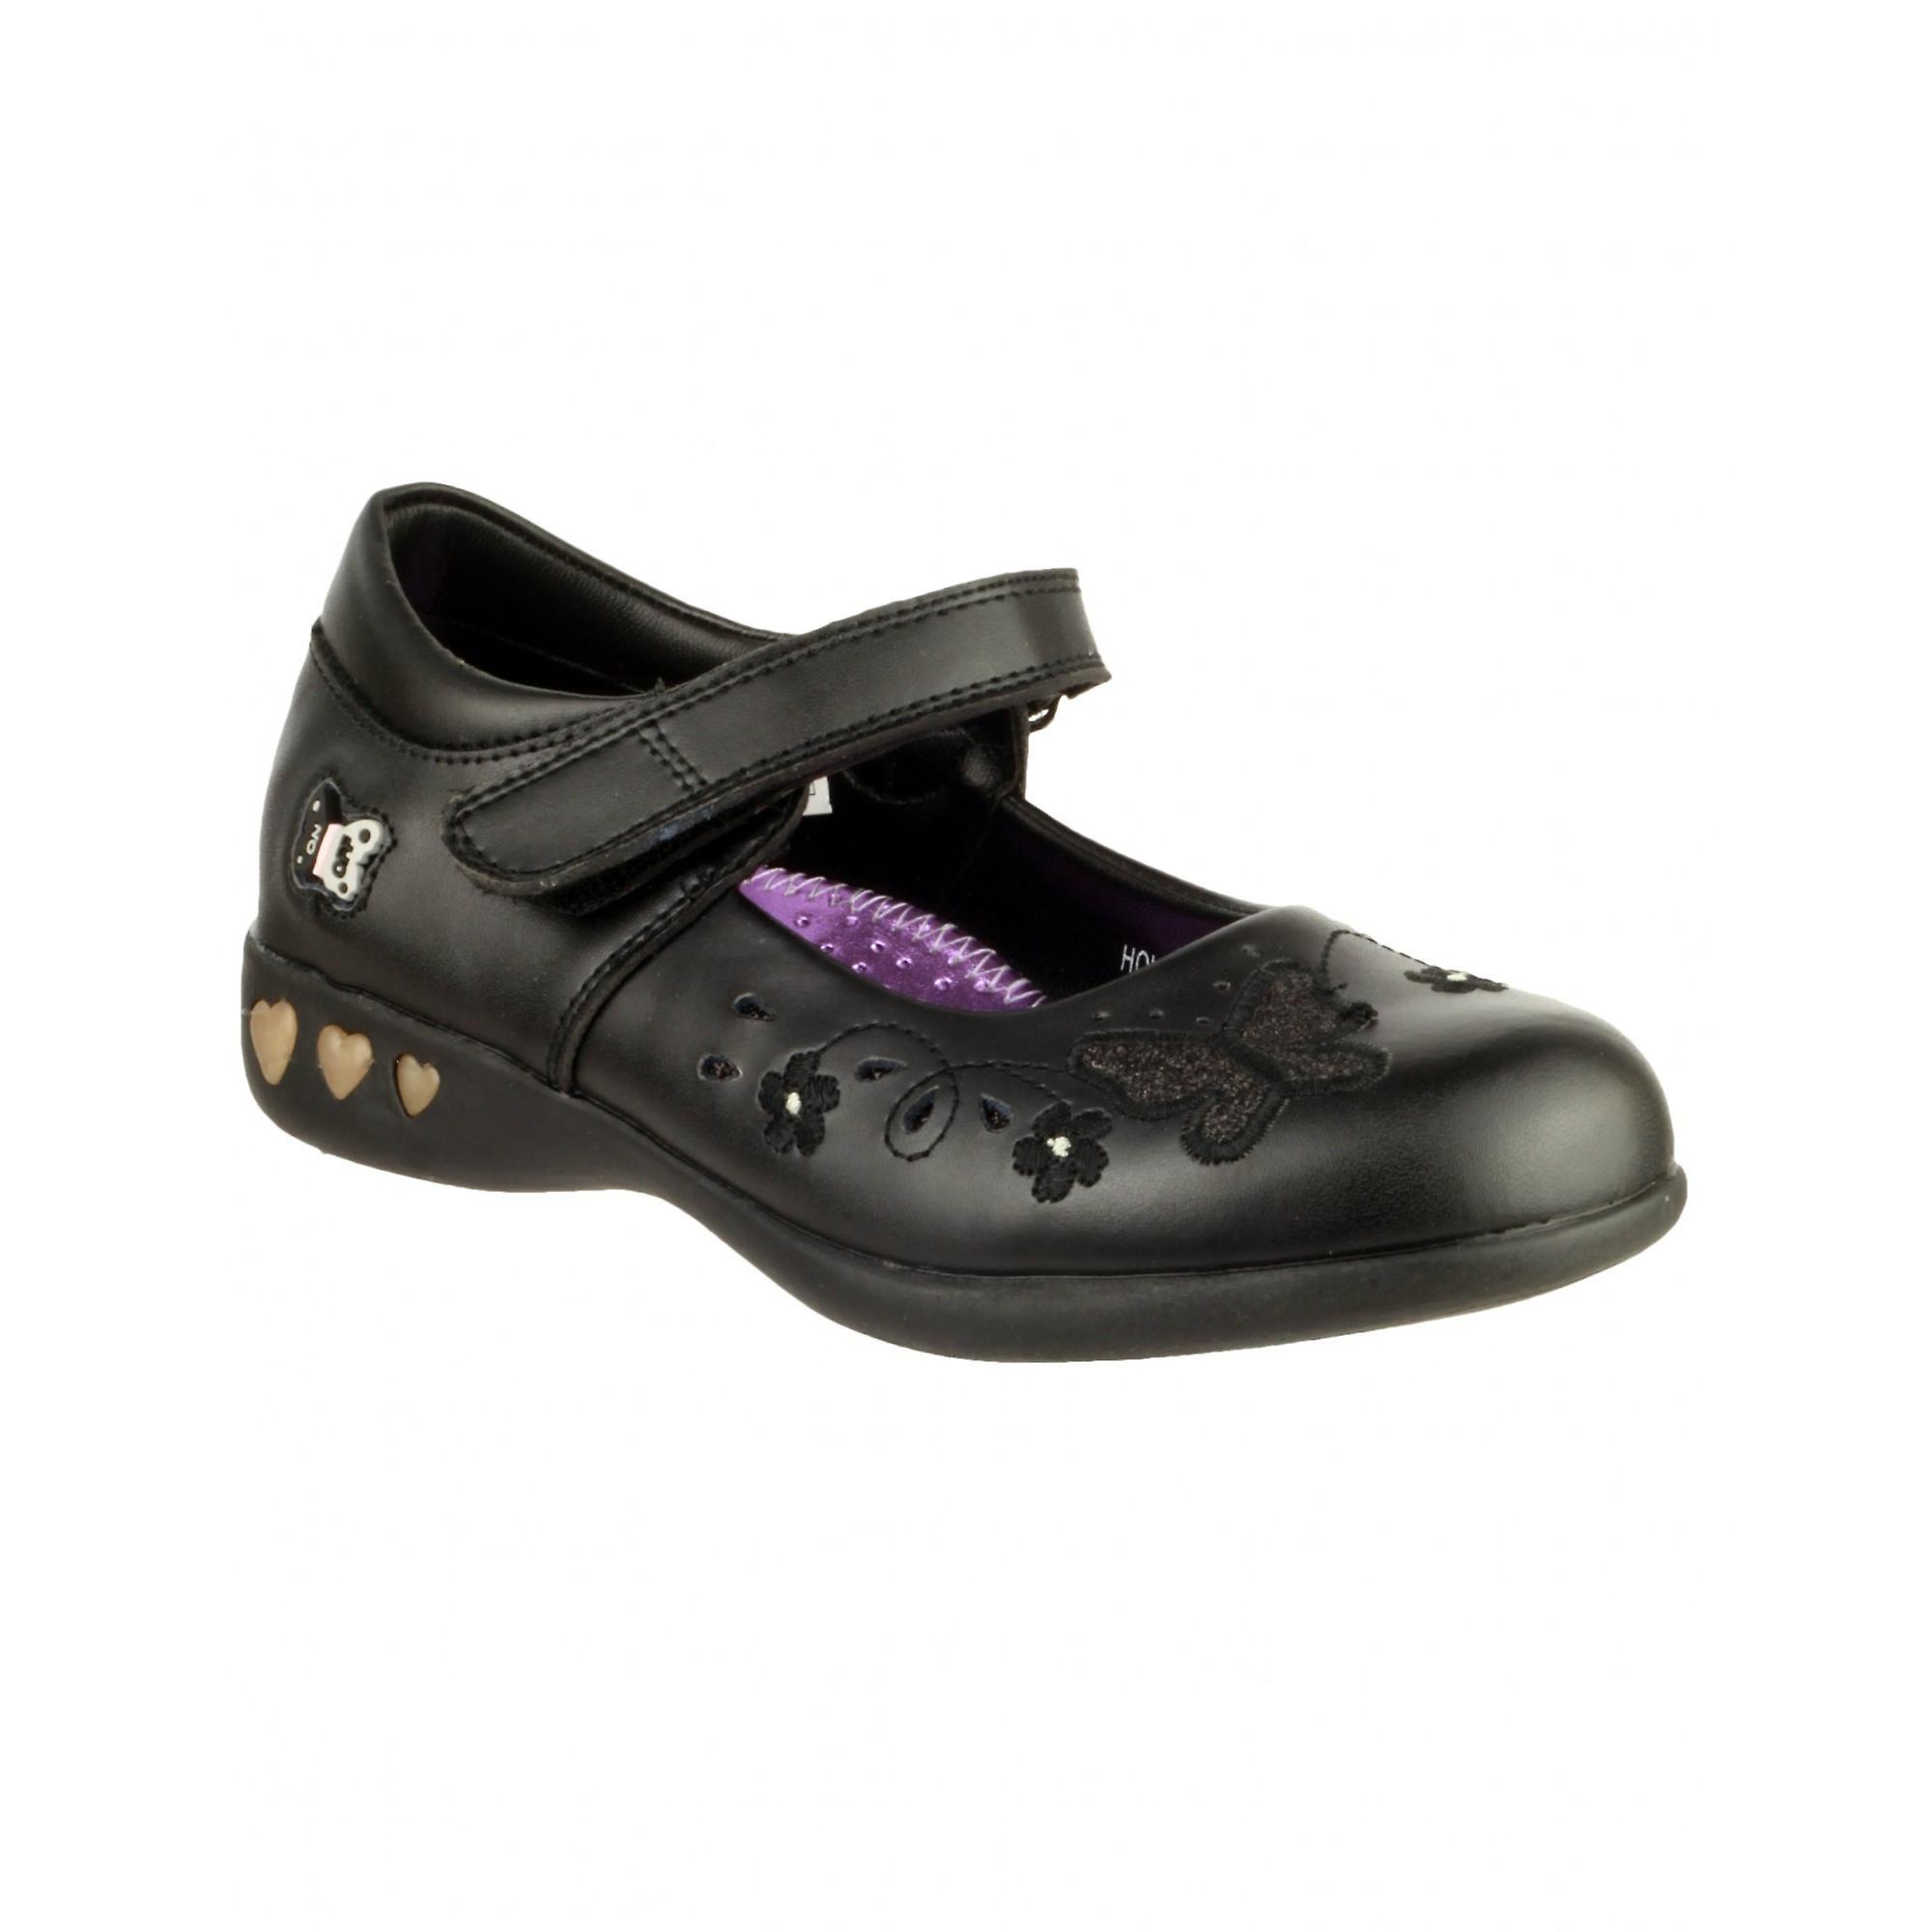 Mirak HOLLY LIGHTS Childrens/Kids Shoe / Girls Shoes - Gratis verzending 6KcDBt